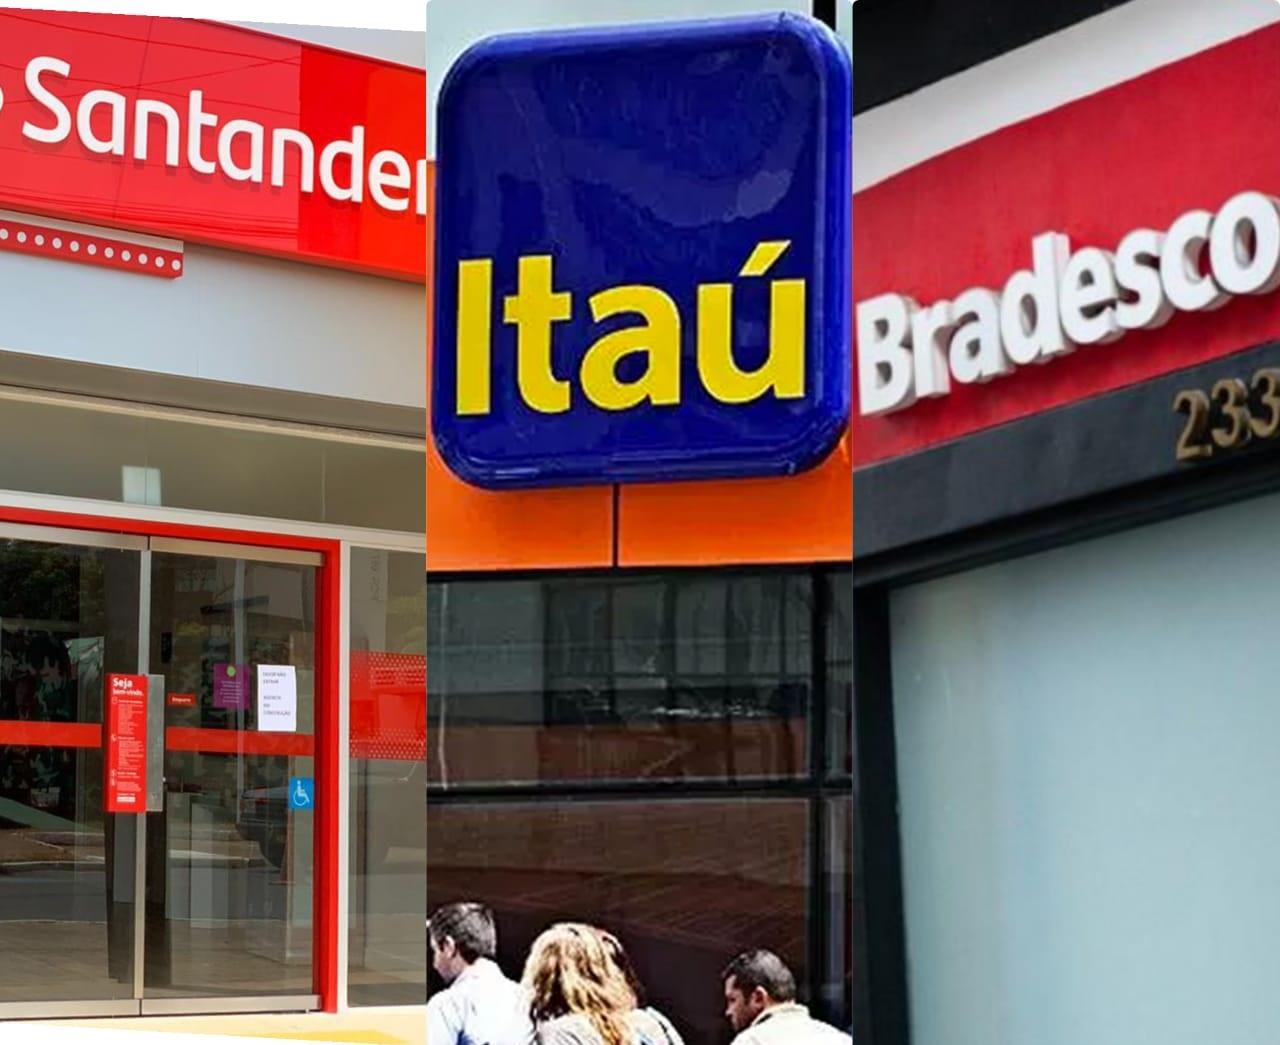 Santander, Itaú e Bradesco lucram mais que em anos de 2019 e 2020- Imagem: Montagem JMN